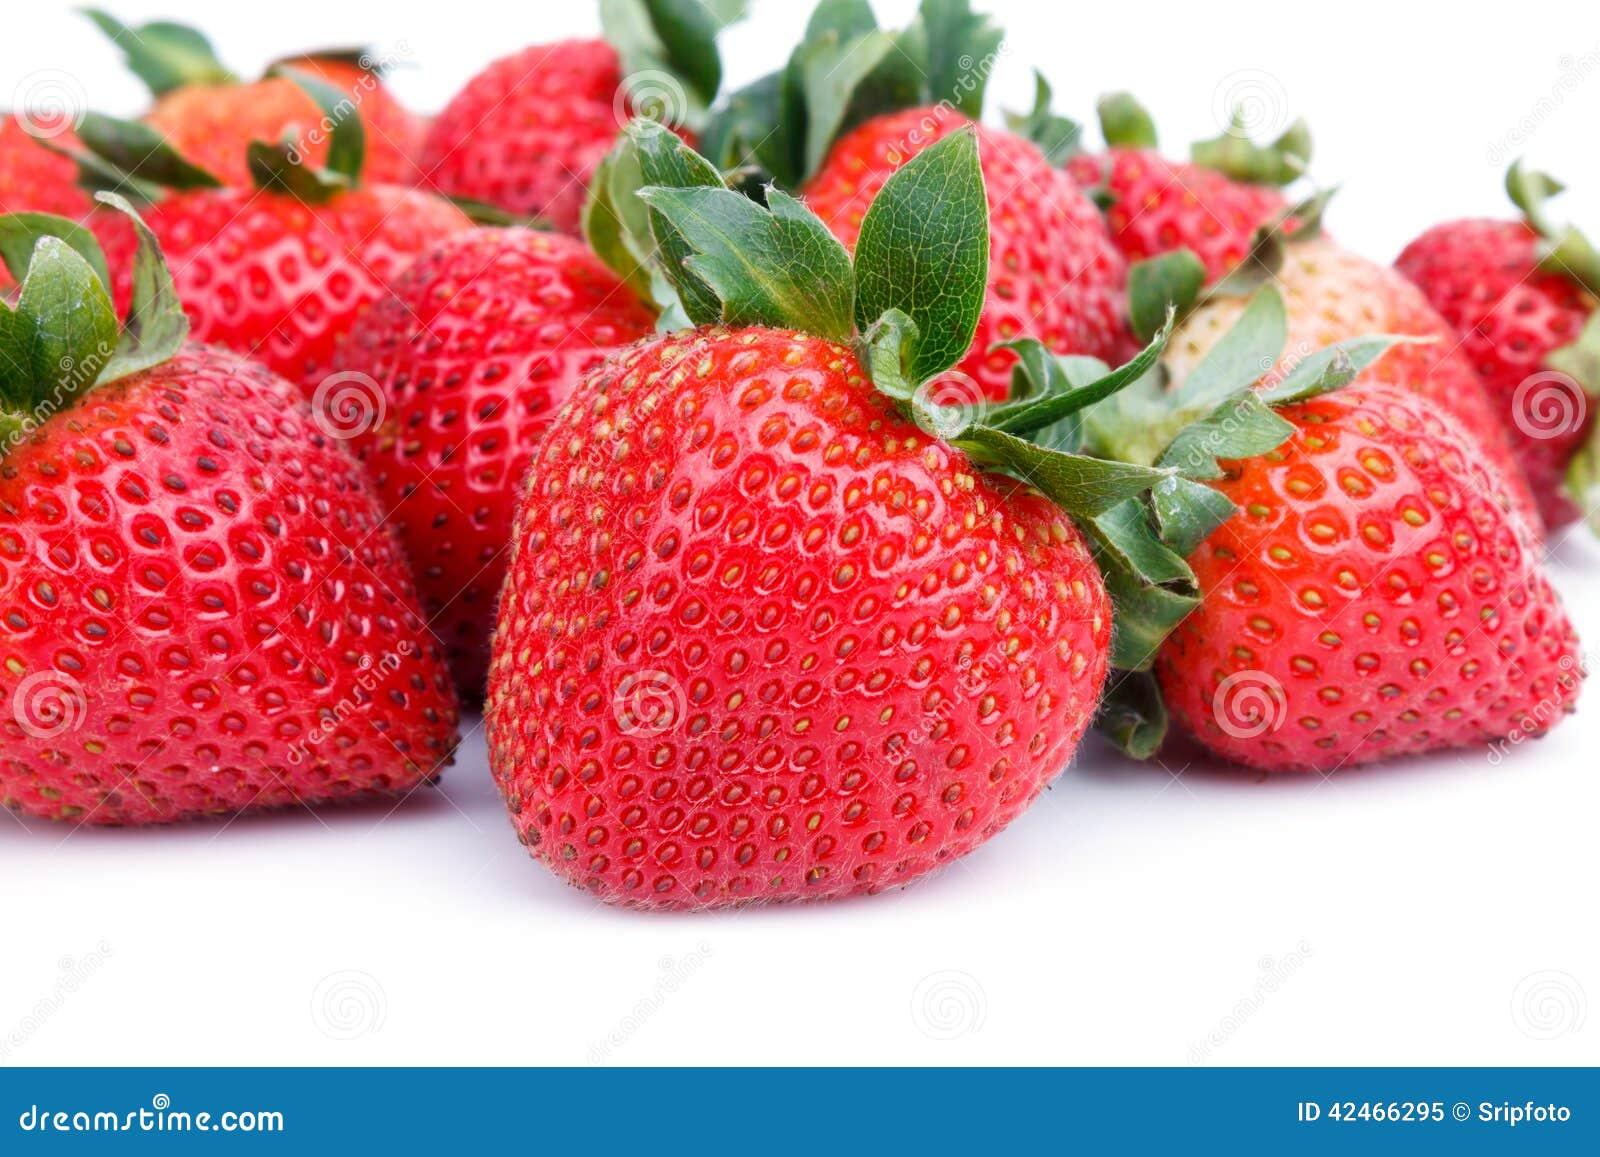 Frische Erdbeeren